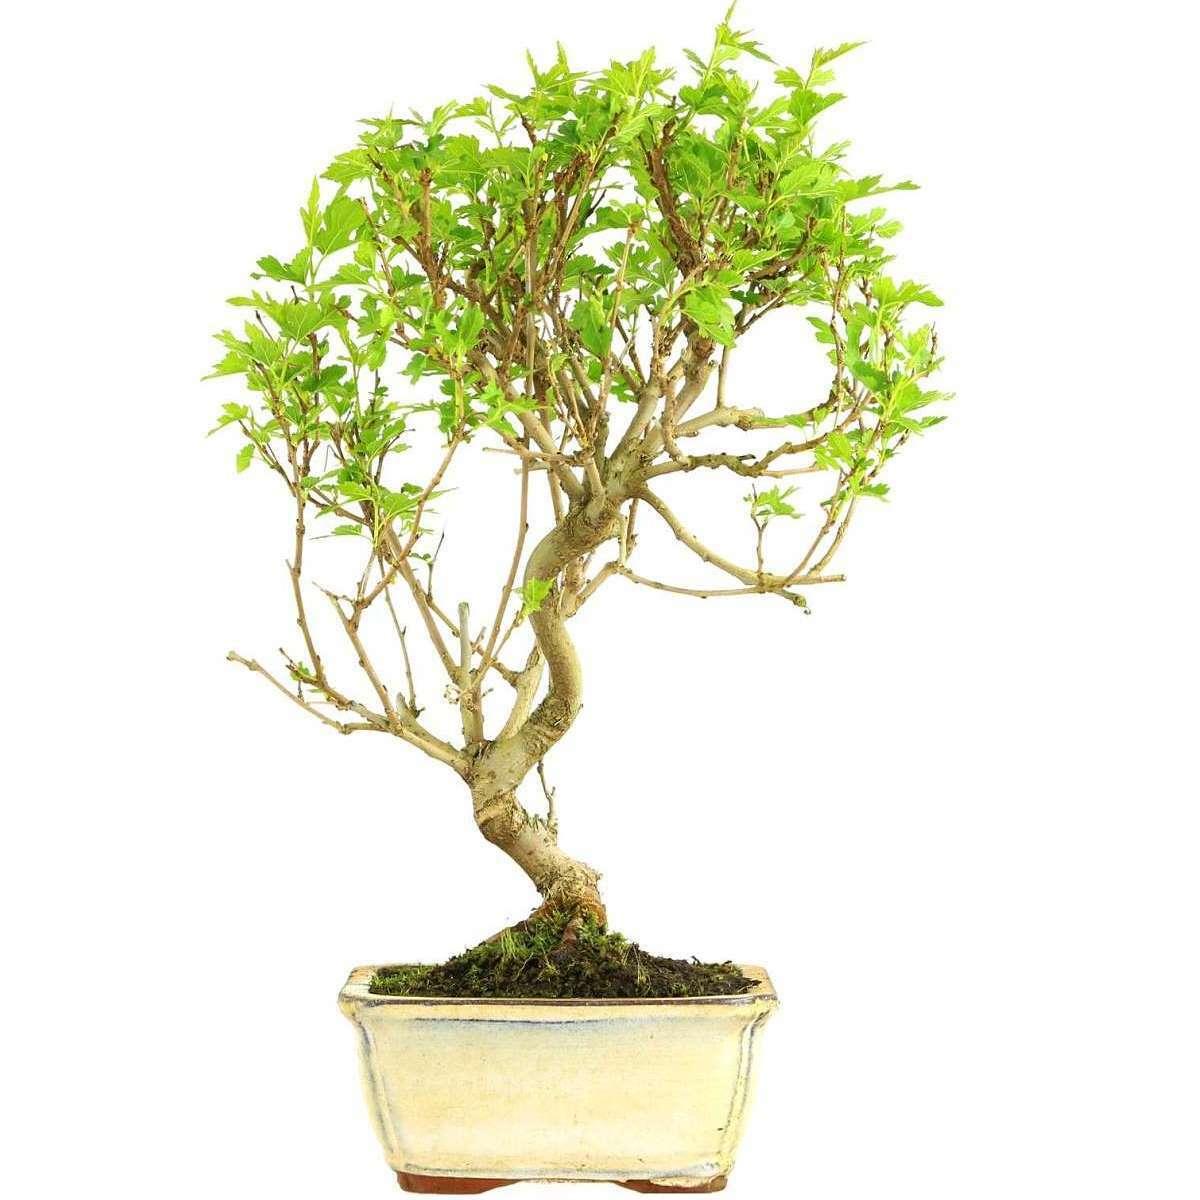 Maulbeerbaum, Bonsai, 9 Jahre, 40cm (091-06)